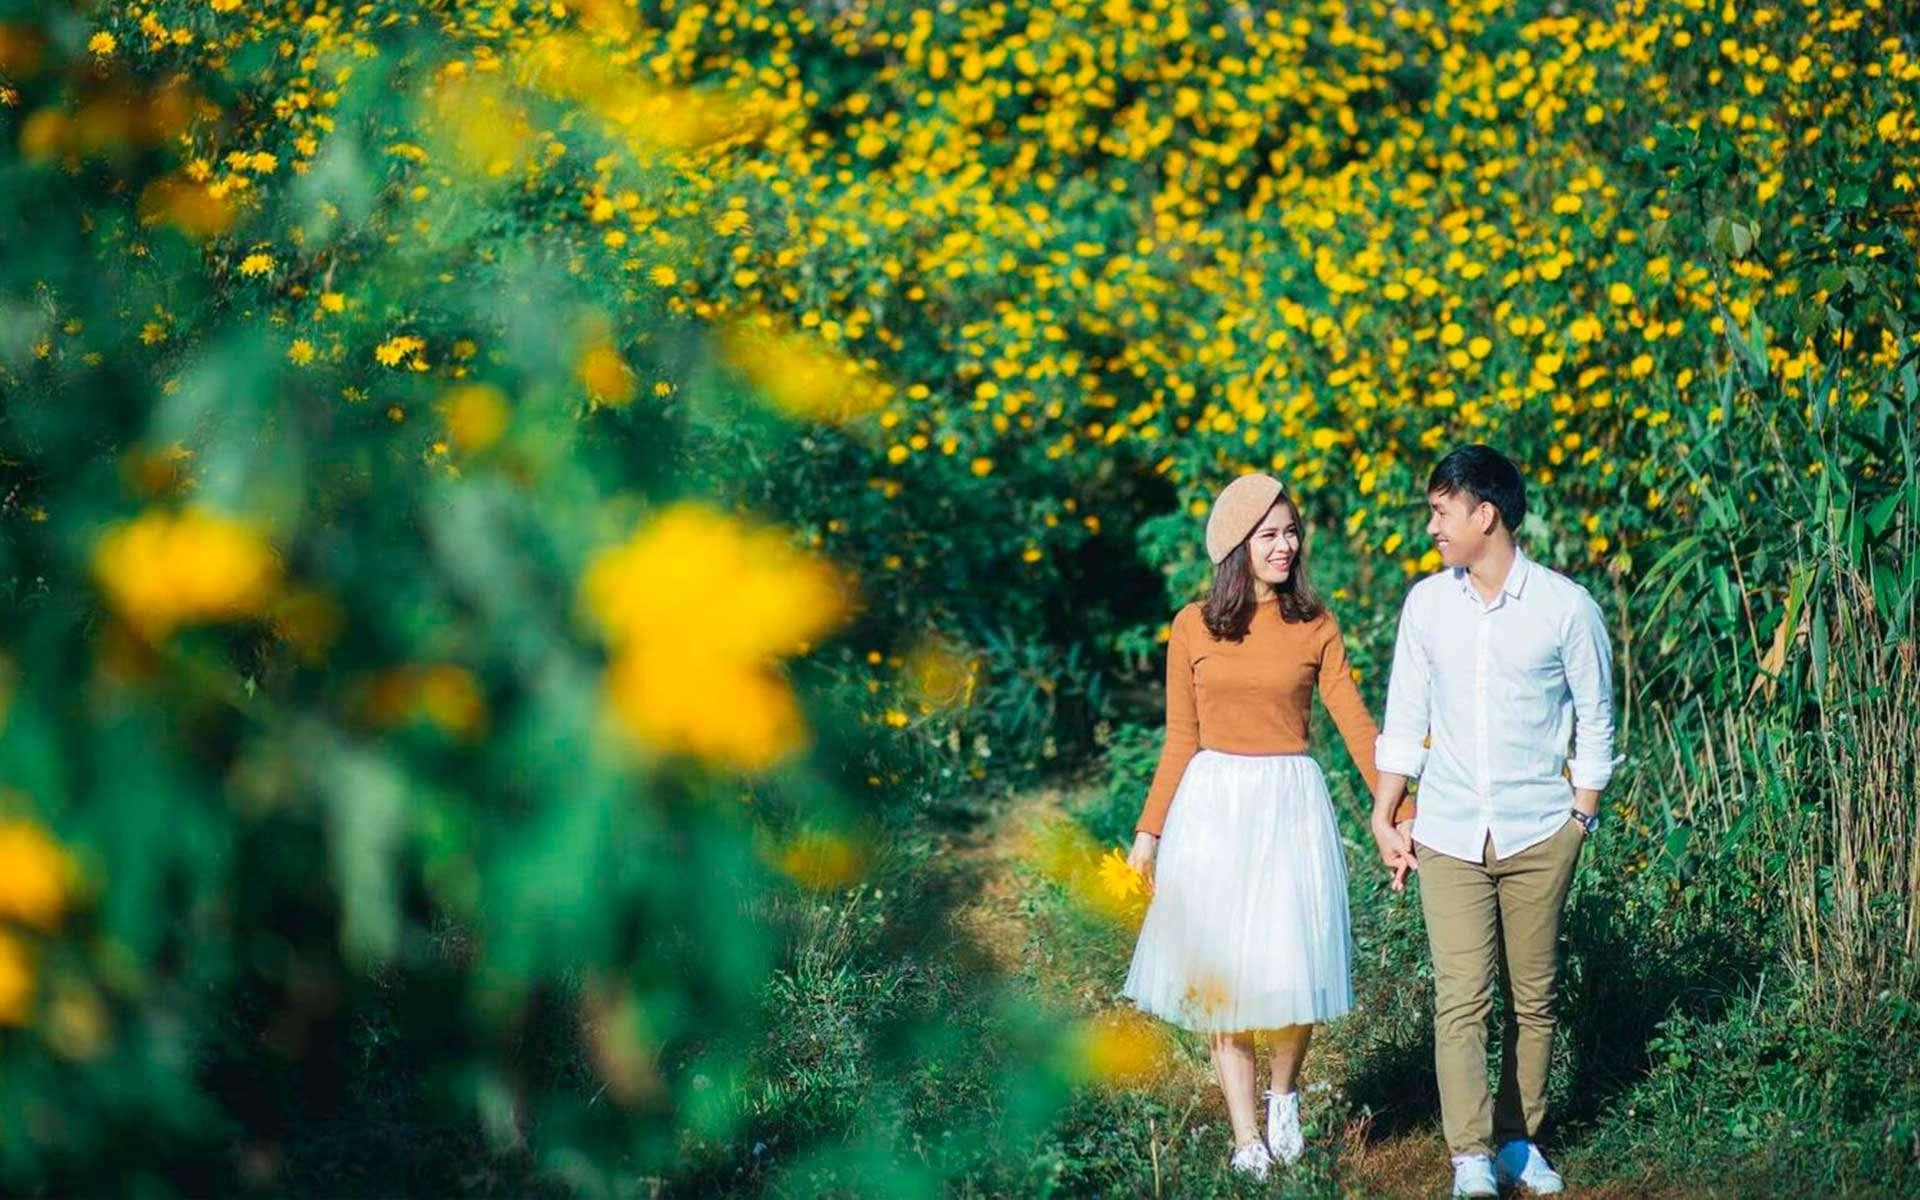 Vietnam Honeymoon - 14 Days